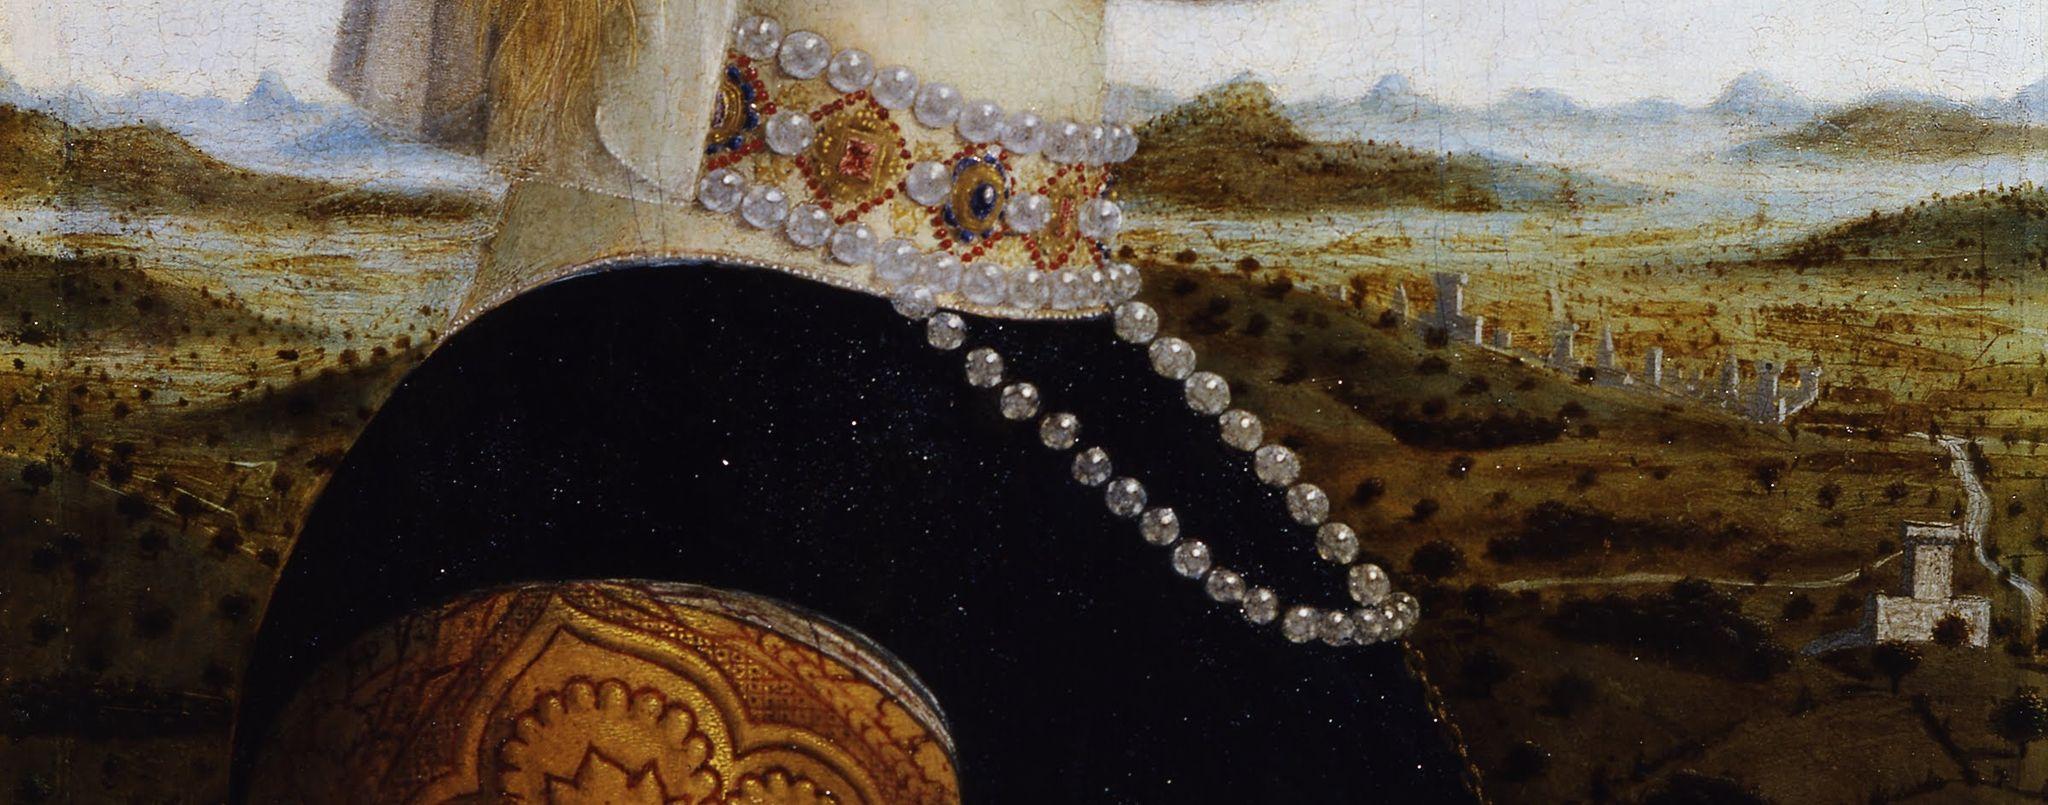 Piero della Francesca - Ritratti dei Duchi di Urbino Federico da Montefeltro e Battista Sforza - detail -01